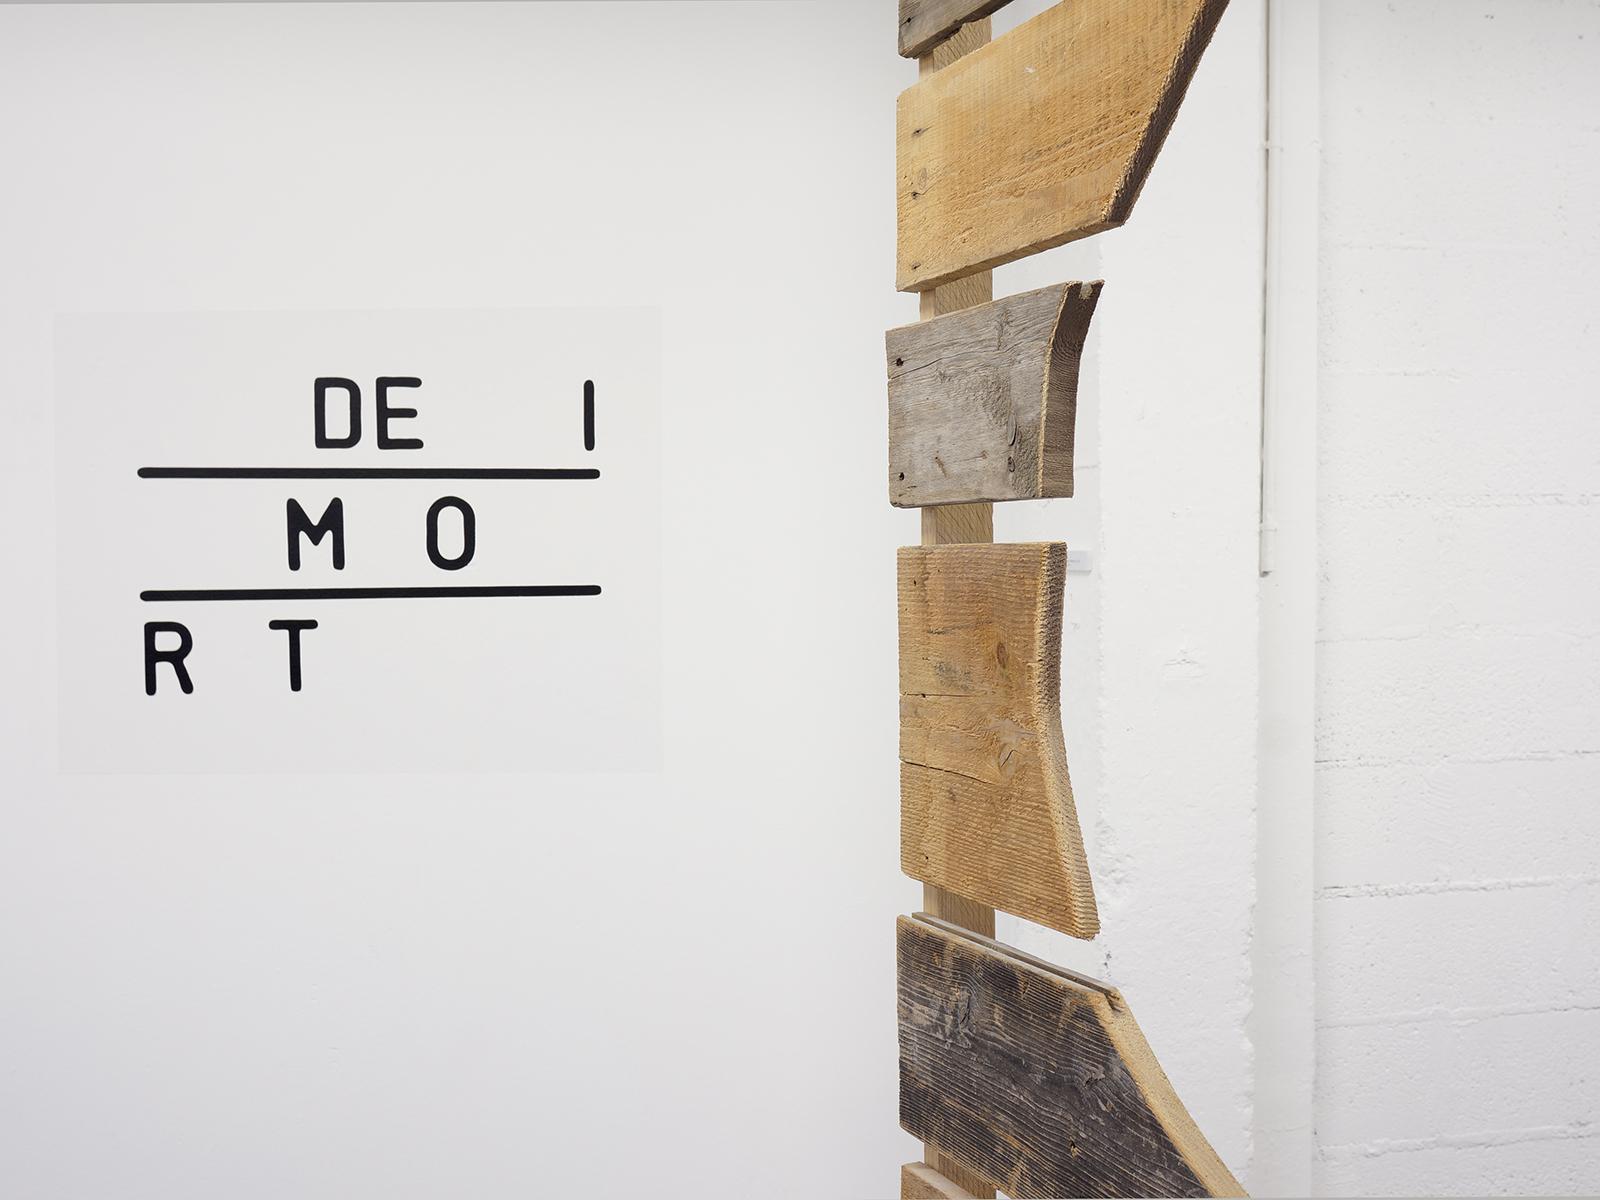 Benoit-Delaunay-artiste-sculptures-2017-Metoroid-02.jpg